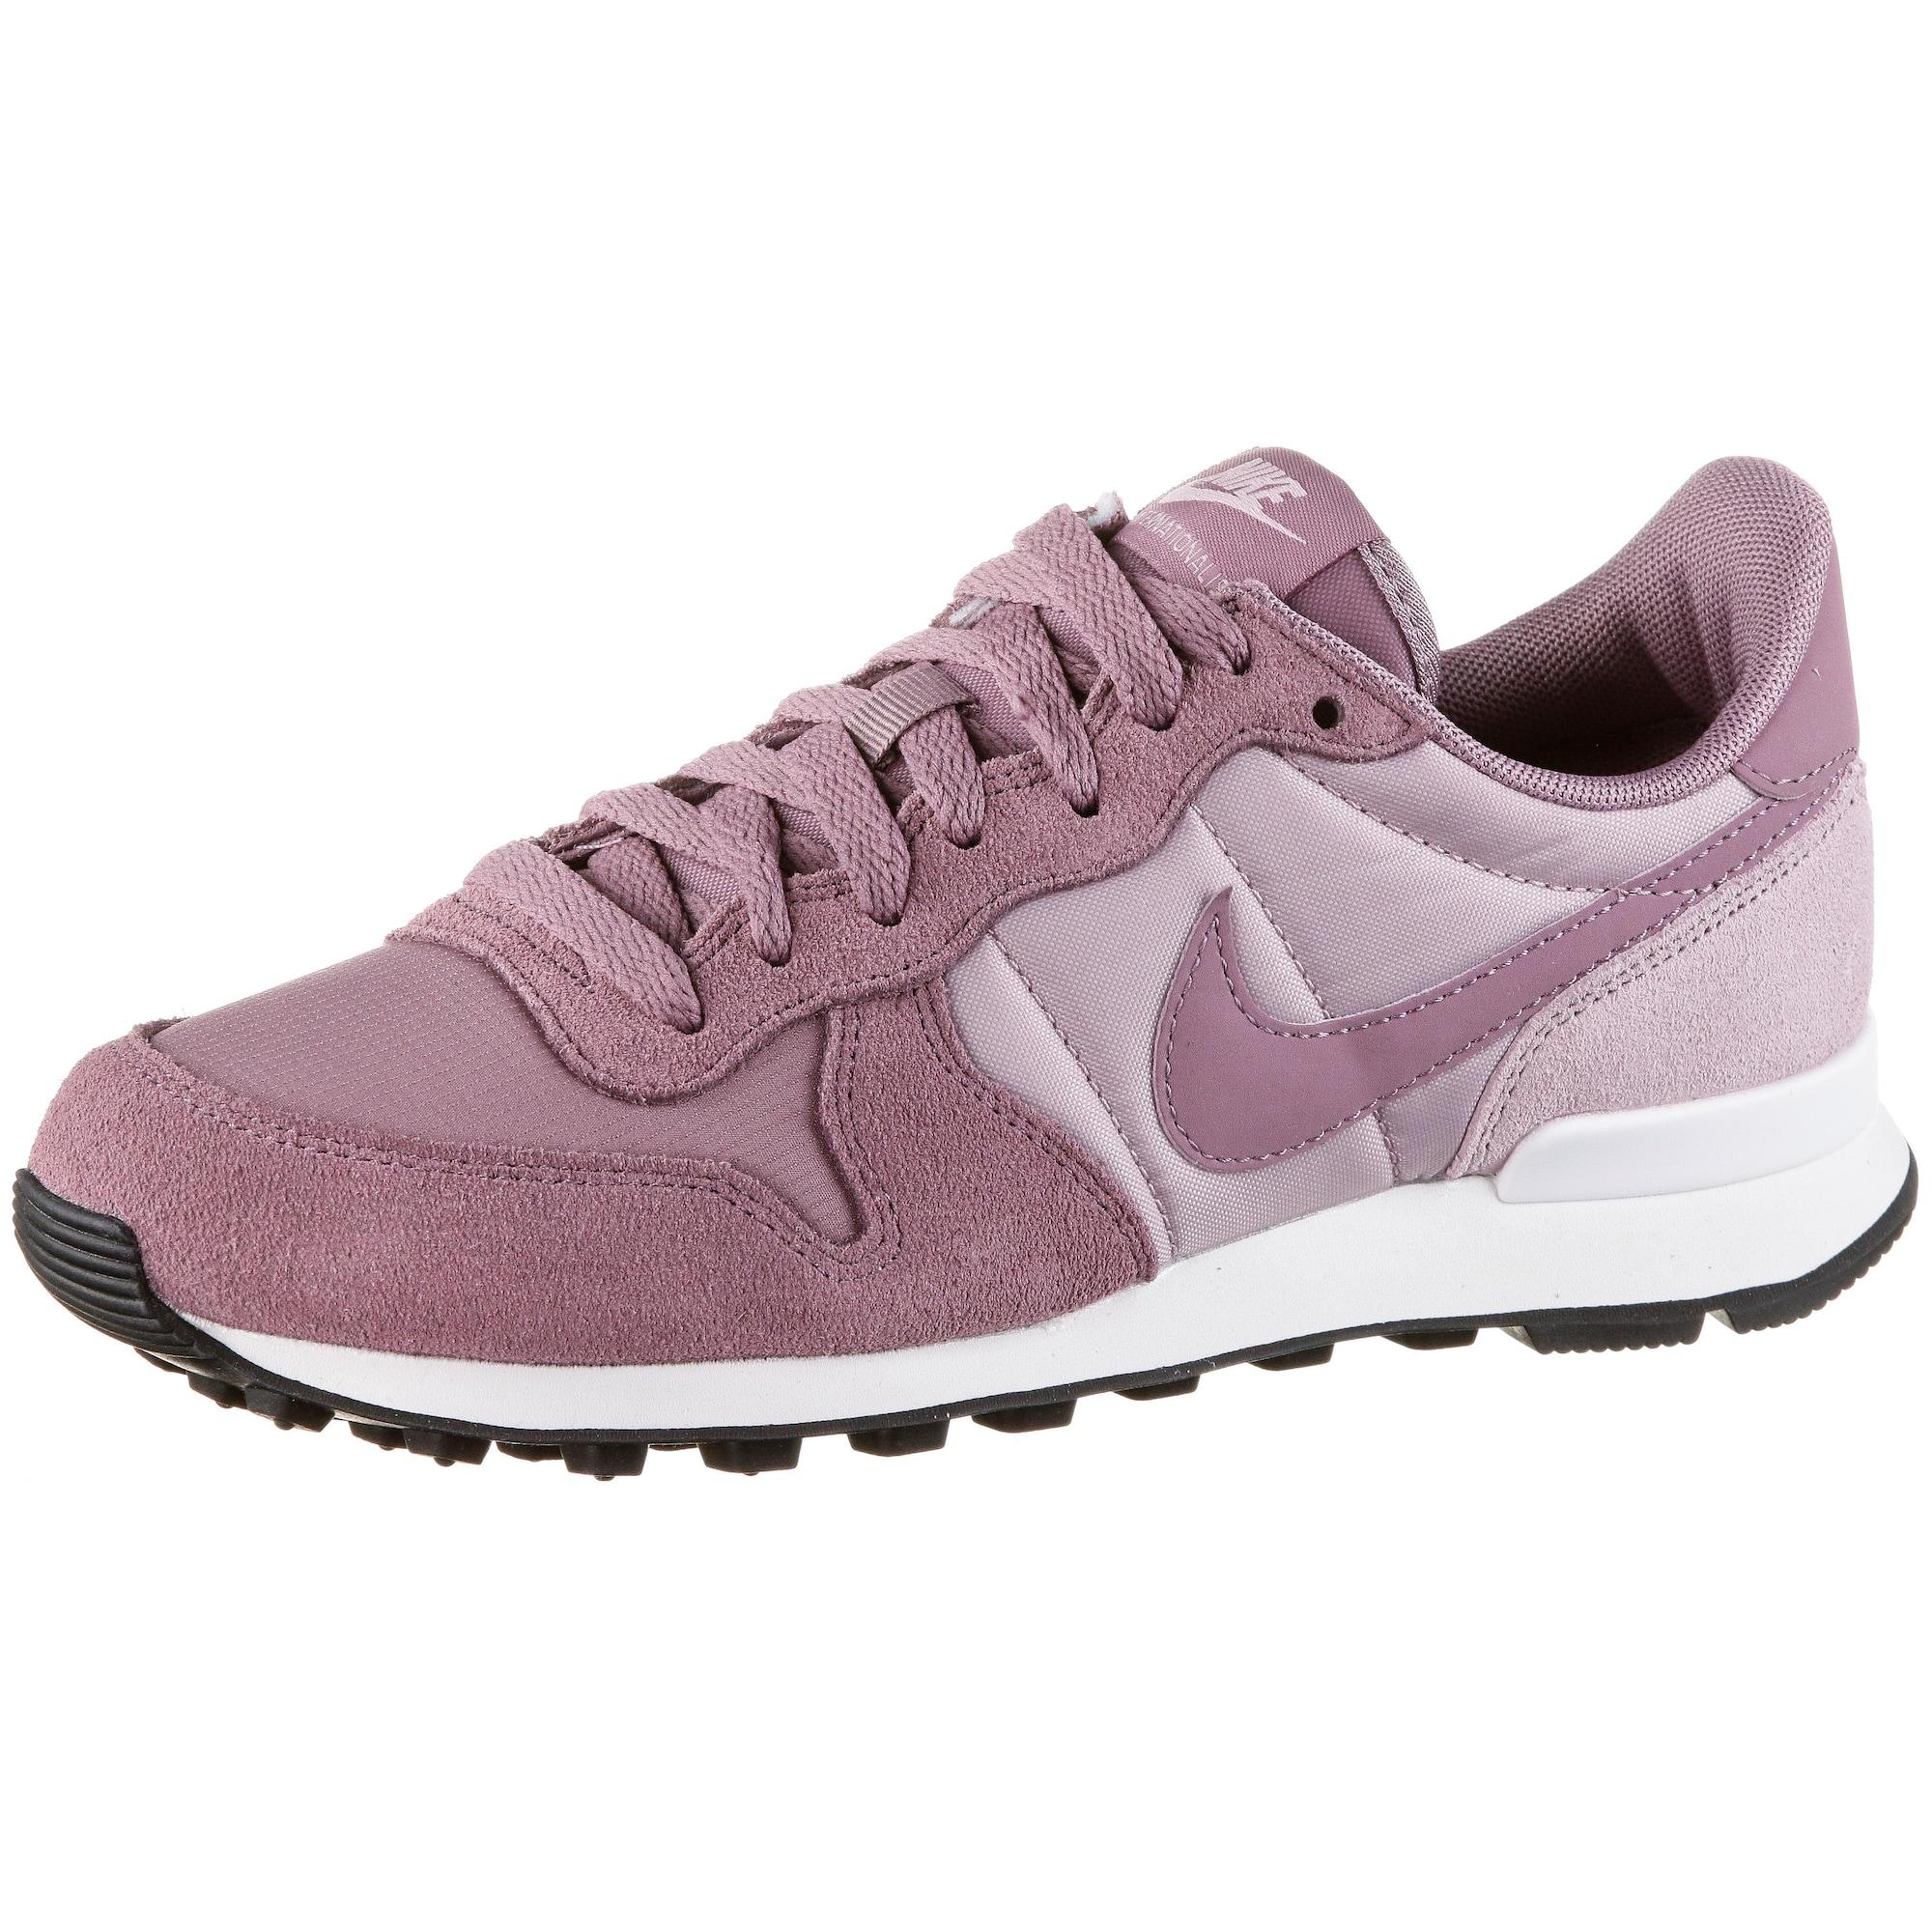 Tenisky Internationalist růže pastelově růžová Nike Sportswear